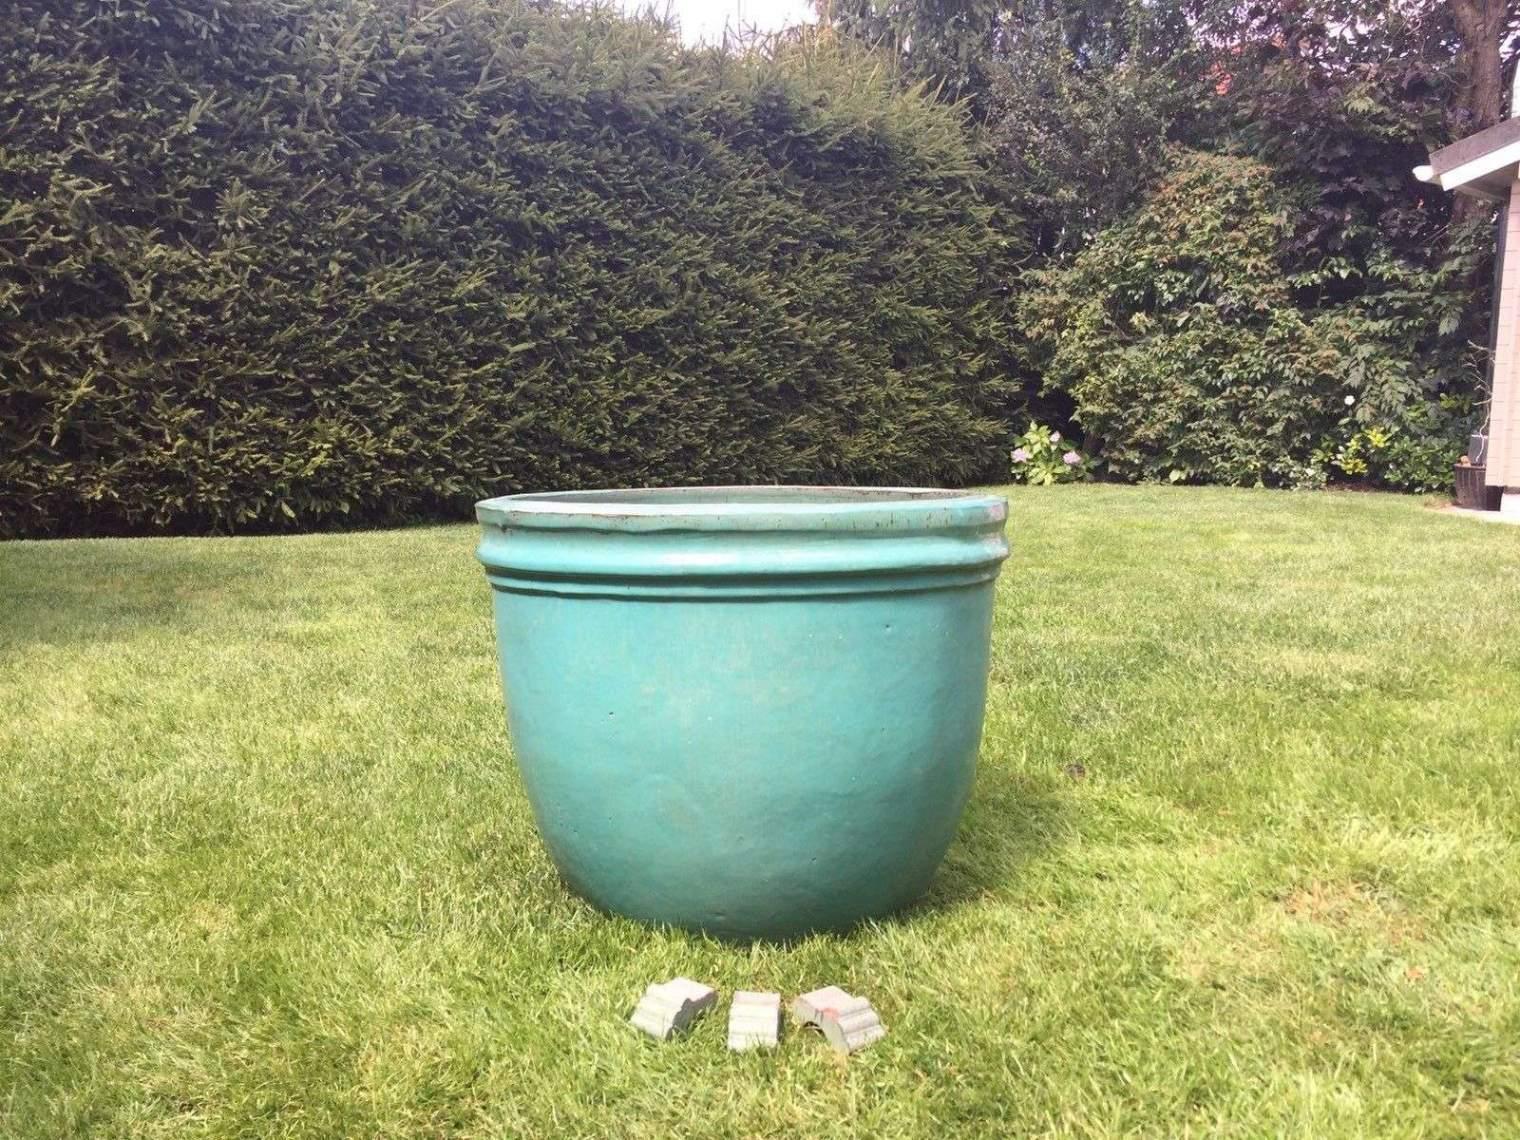 schoner garten ideen elegant pflanzen als sichtschutz im kubel temobardz home blog of schoner garten ideen 2